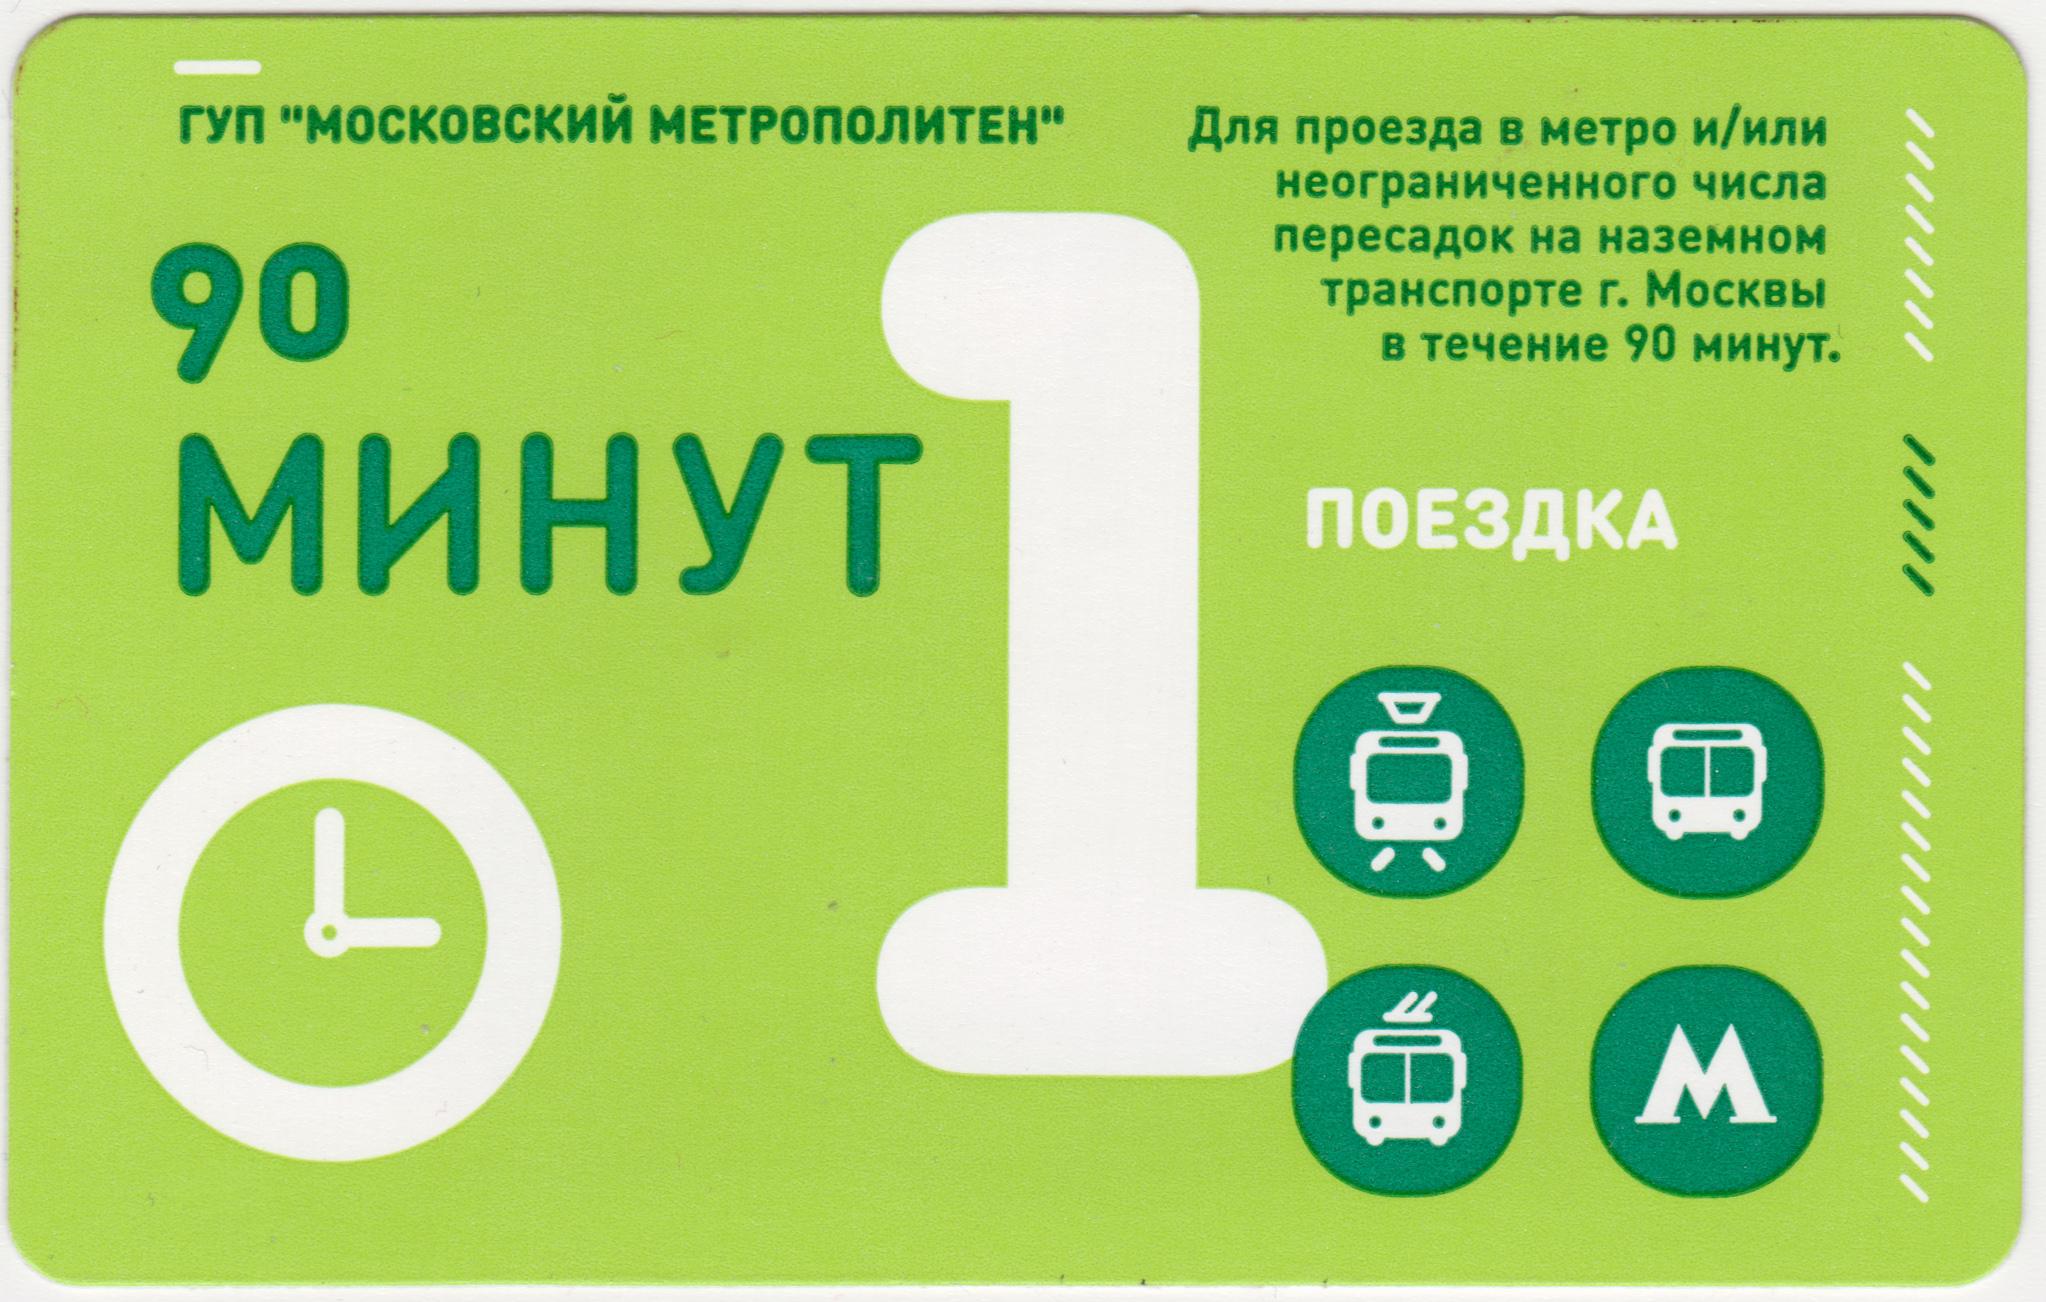 Проездной 90 минут для проезда в метро и/или неограниченного числа пересадок на наземном транспорте г. Москвы